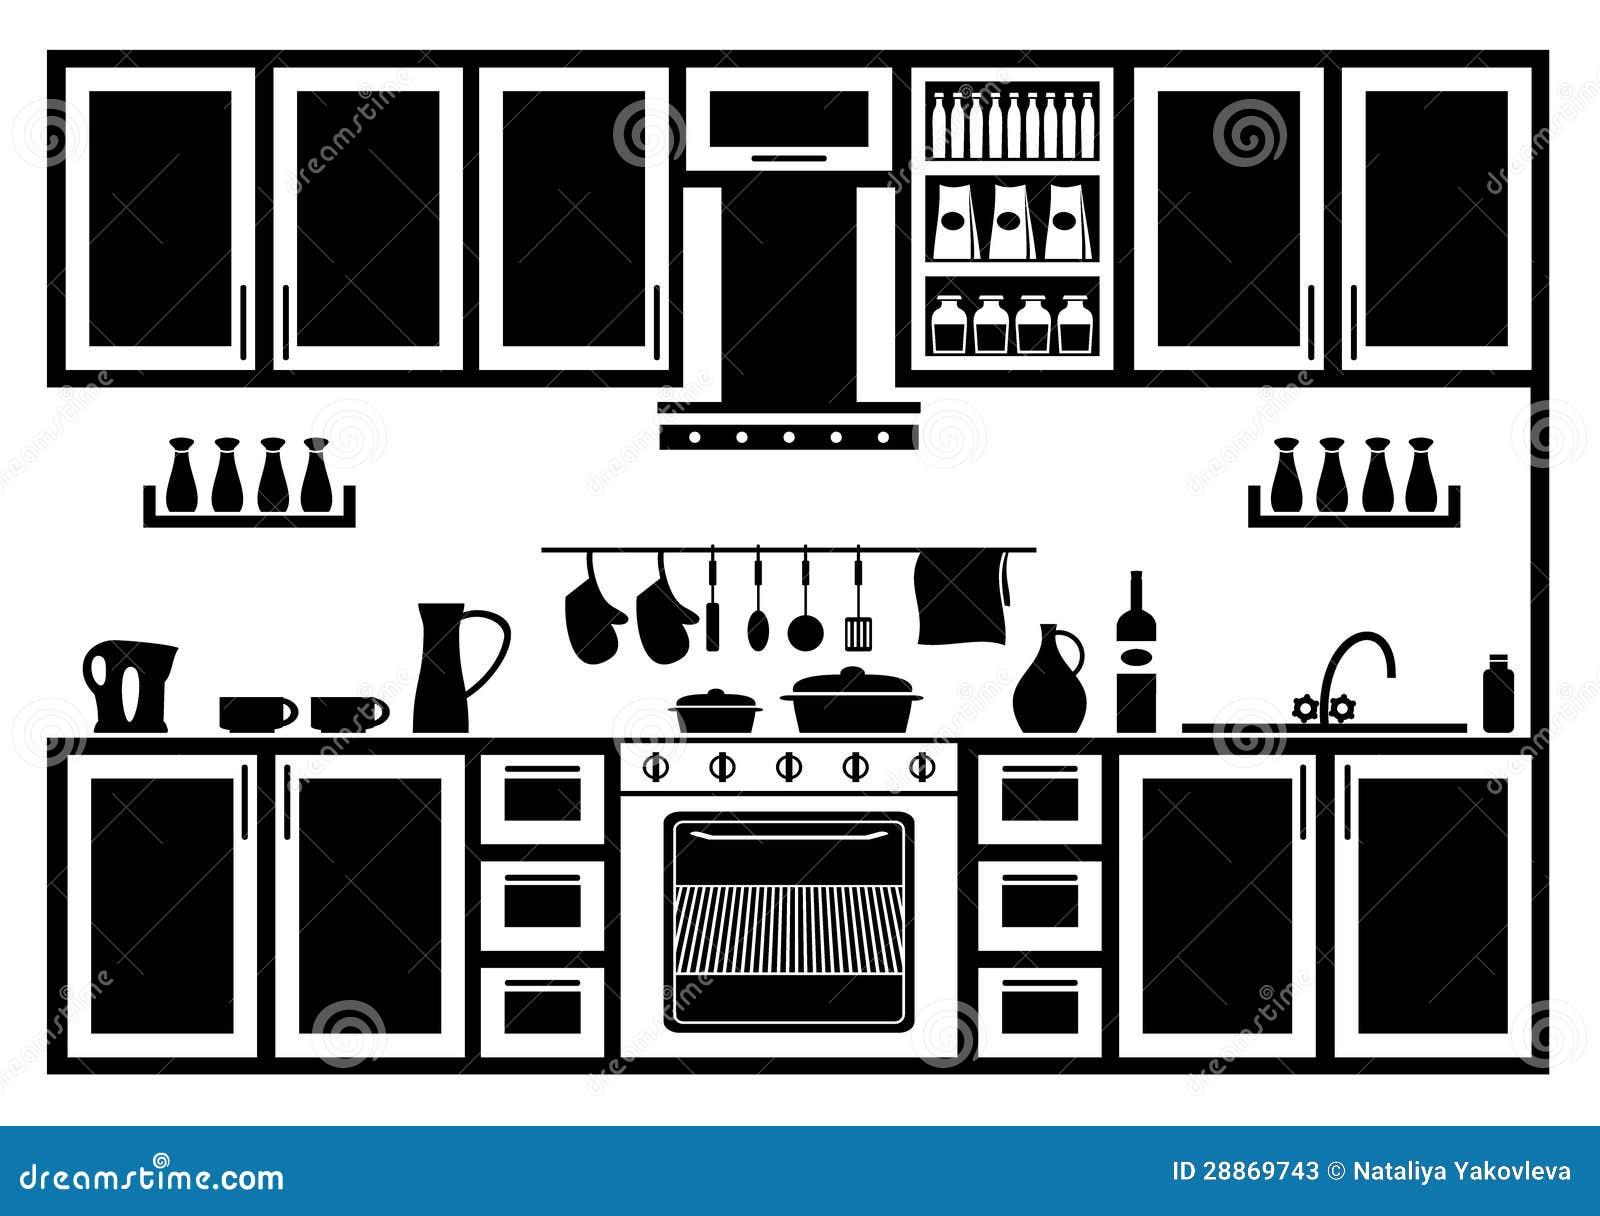 White Kitchen Sink Faucet Icon Of Kitchen Stock Photos Image 28869743